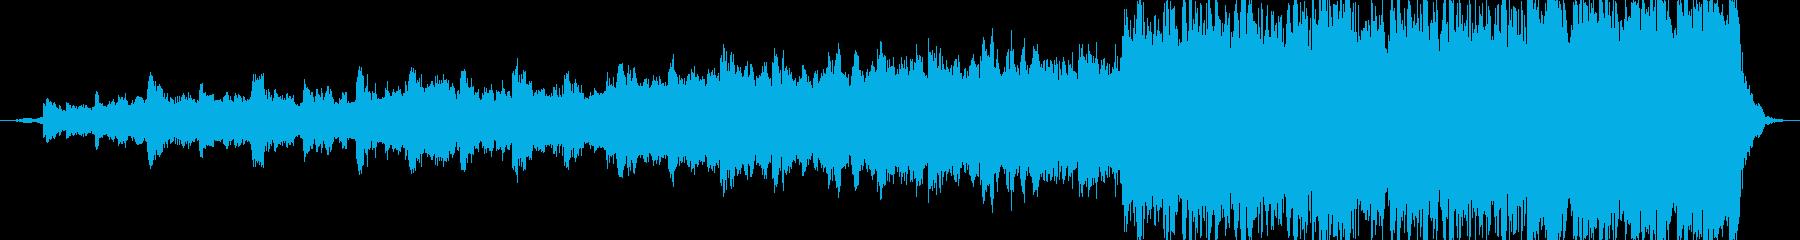 エピックドラマチックな予告編音楽の再生済みの波形